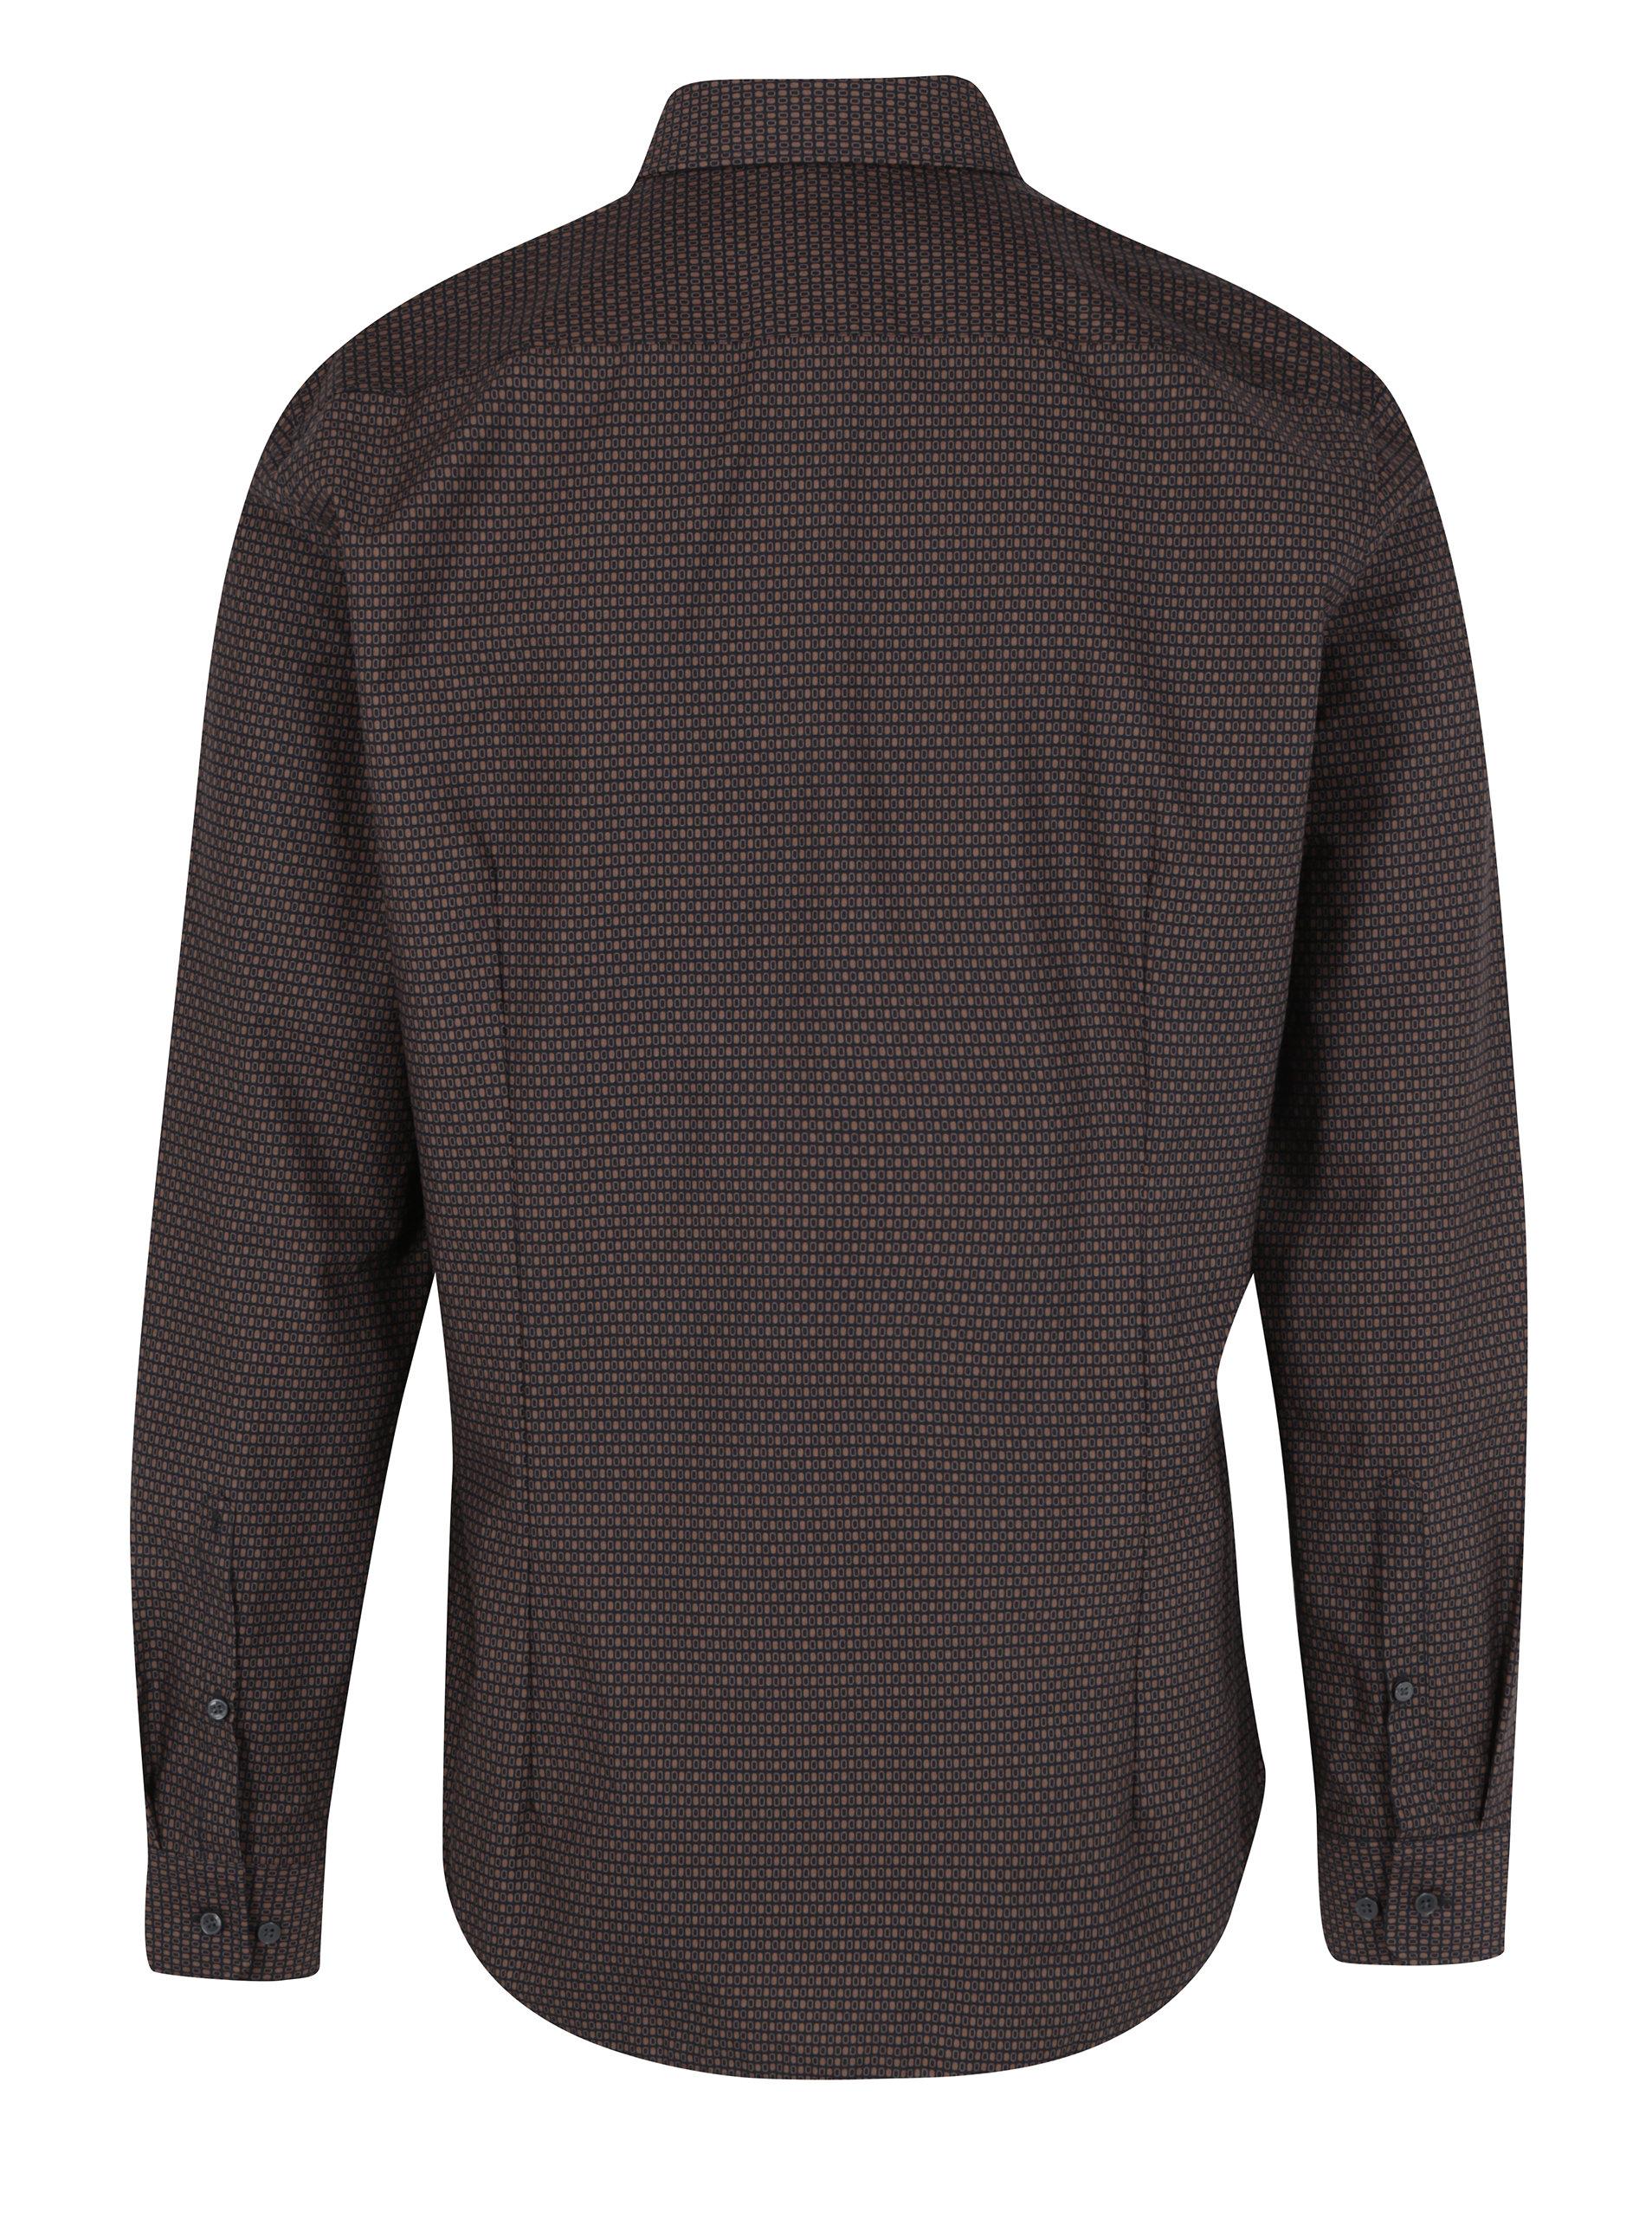 0a33d2c80ca Tmavě hnědá slim fit vzorovaná košile Seidensticker ...